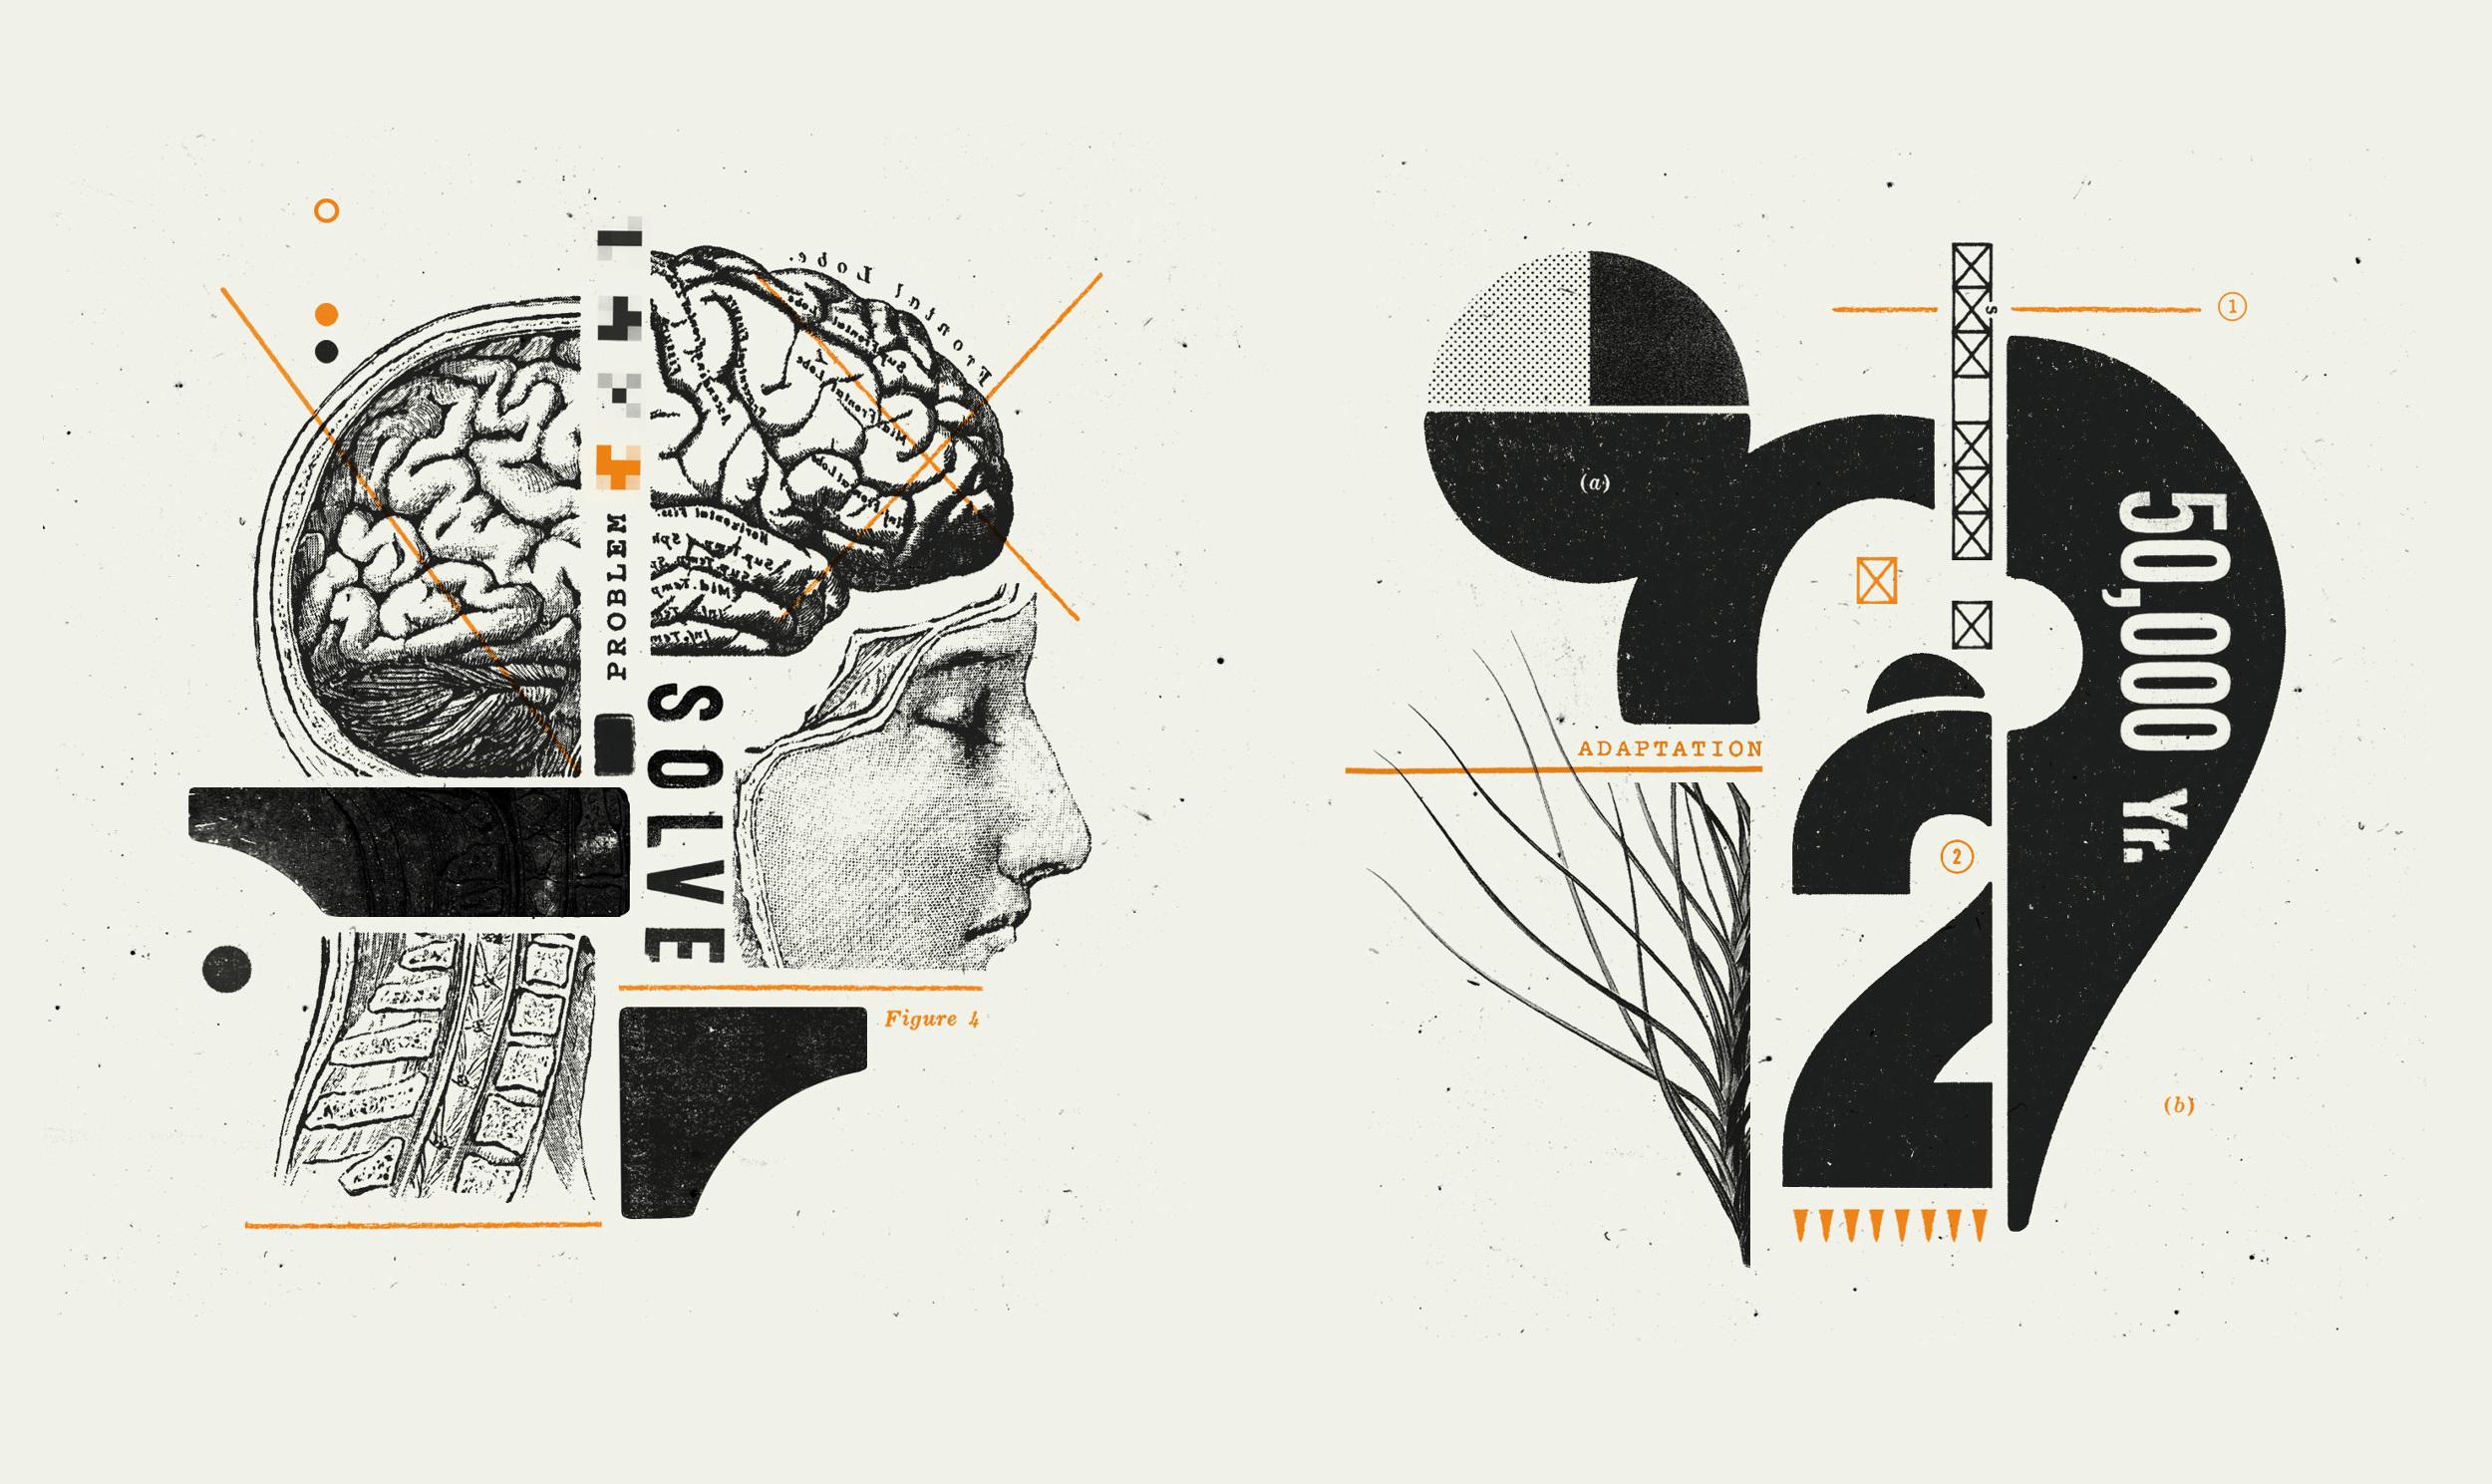 Wired — Are You A Genius - McQuade